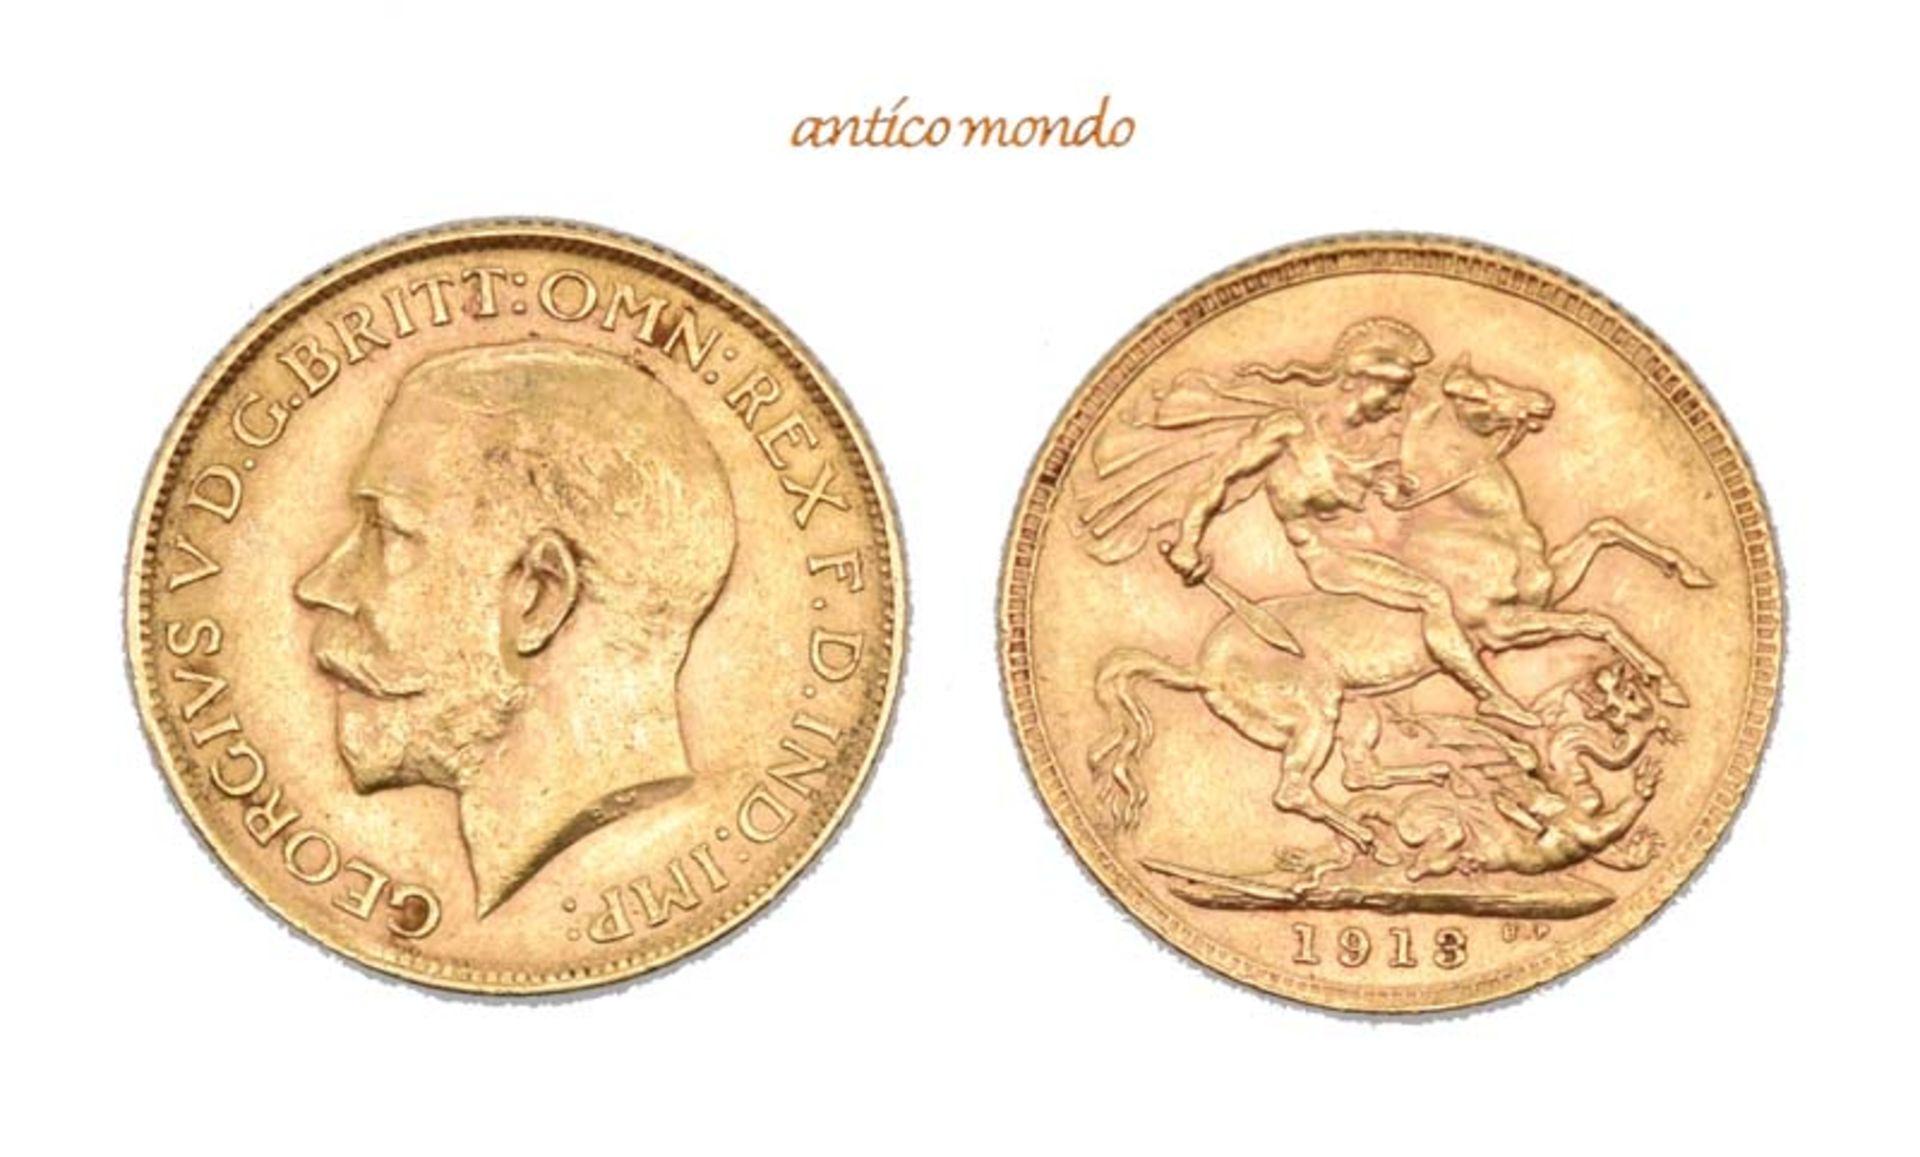 Australien, George V., 1910-1936, Sovereign, 1913, sehr schön, 8,00 g- - -21.50 % buyer's premium on